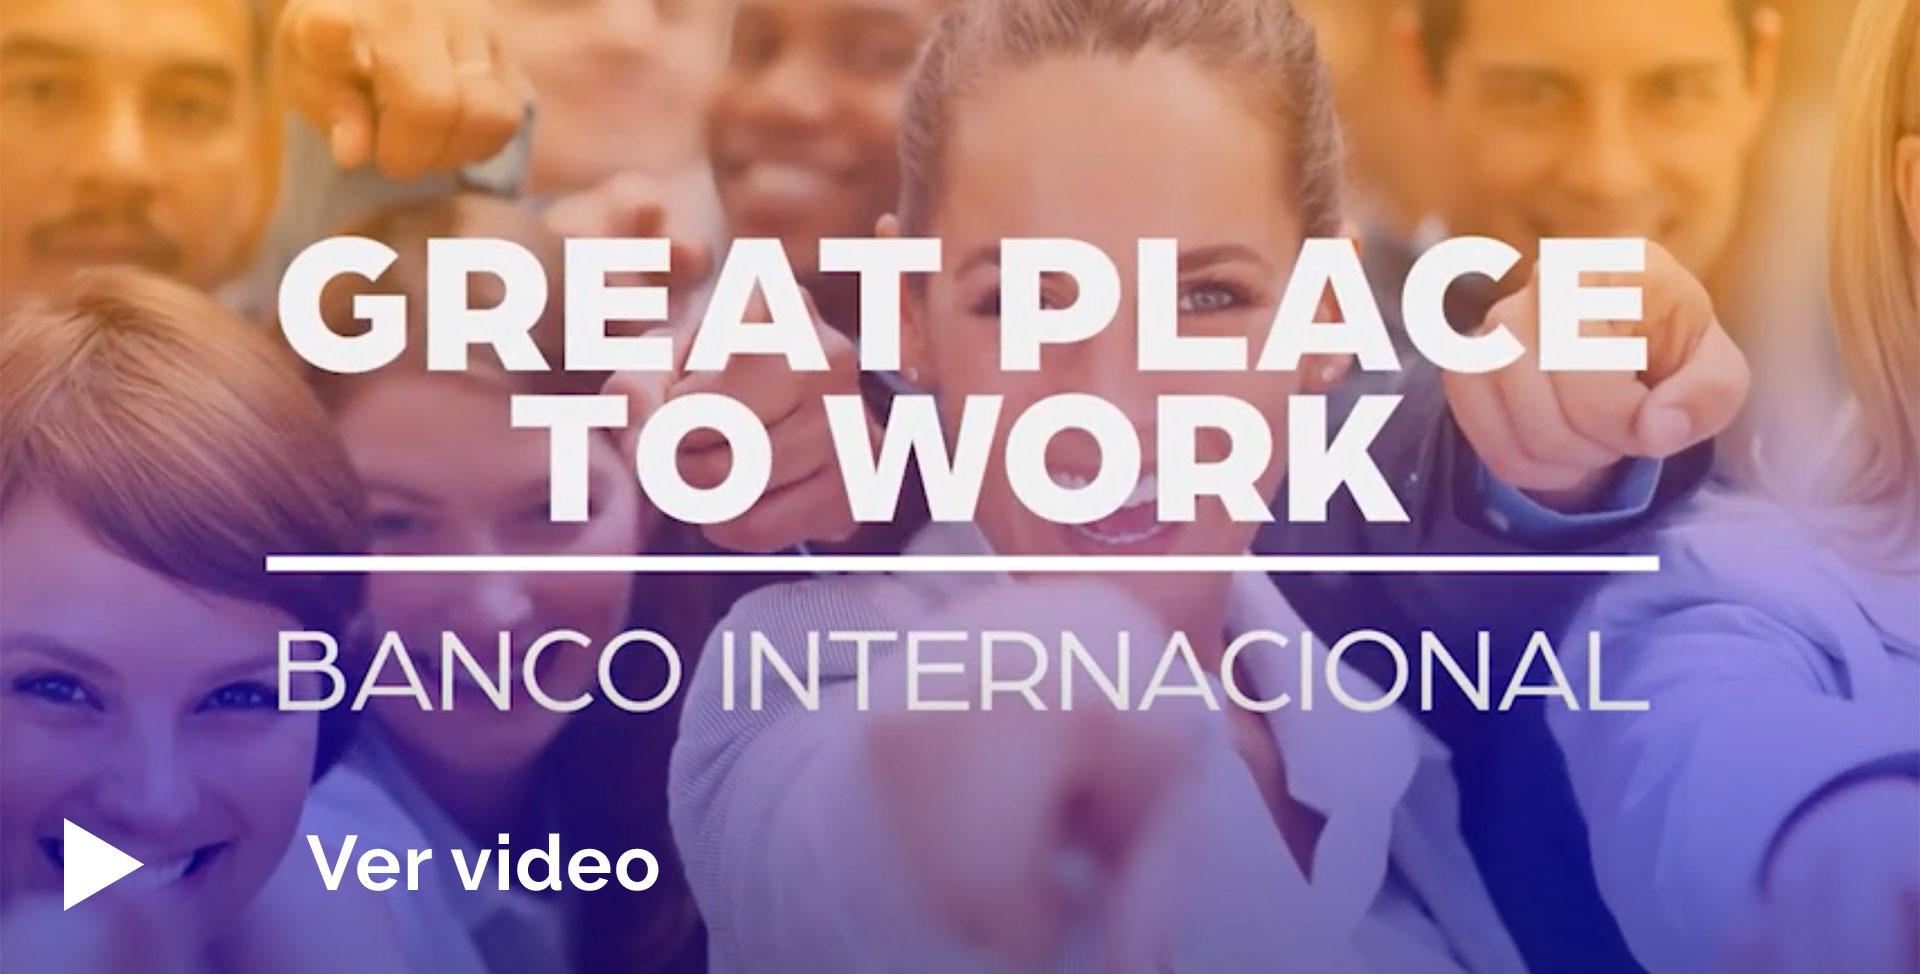 ¿Quieres conocer el mejor lugar para trabajar en Ecuador? - Banco Internacional